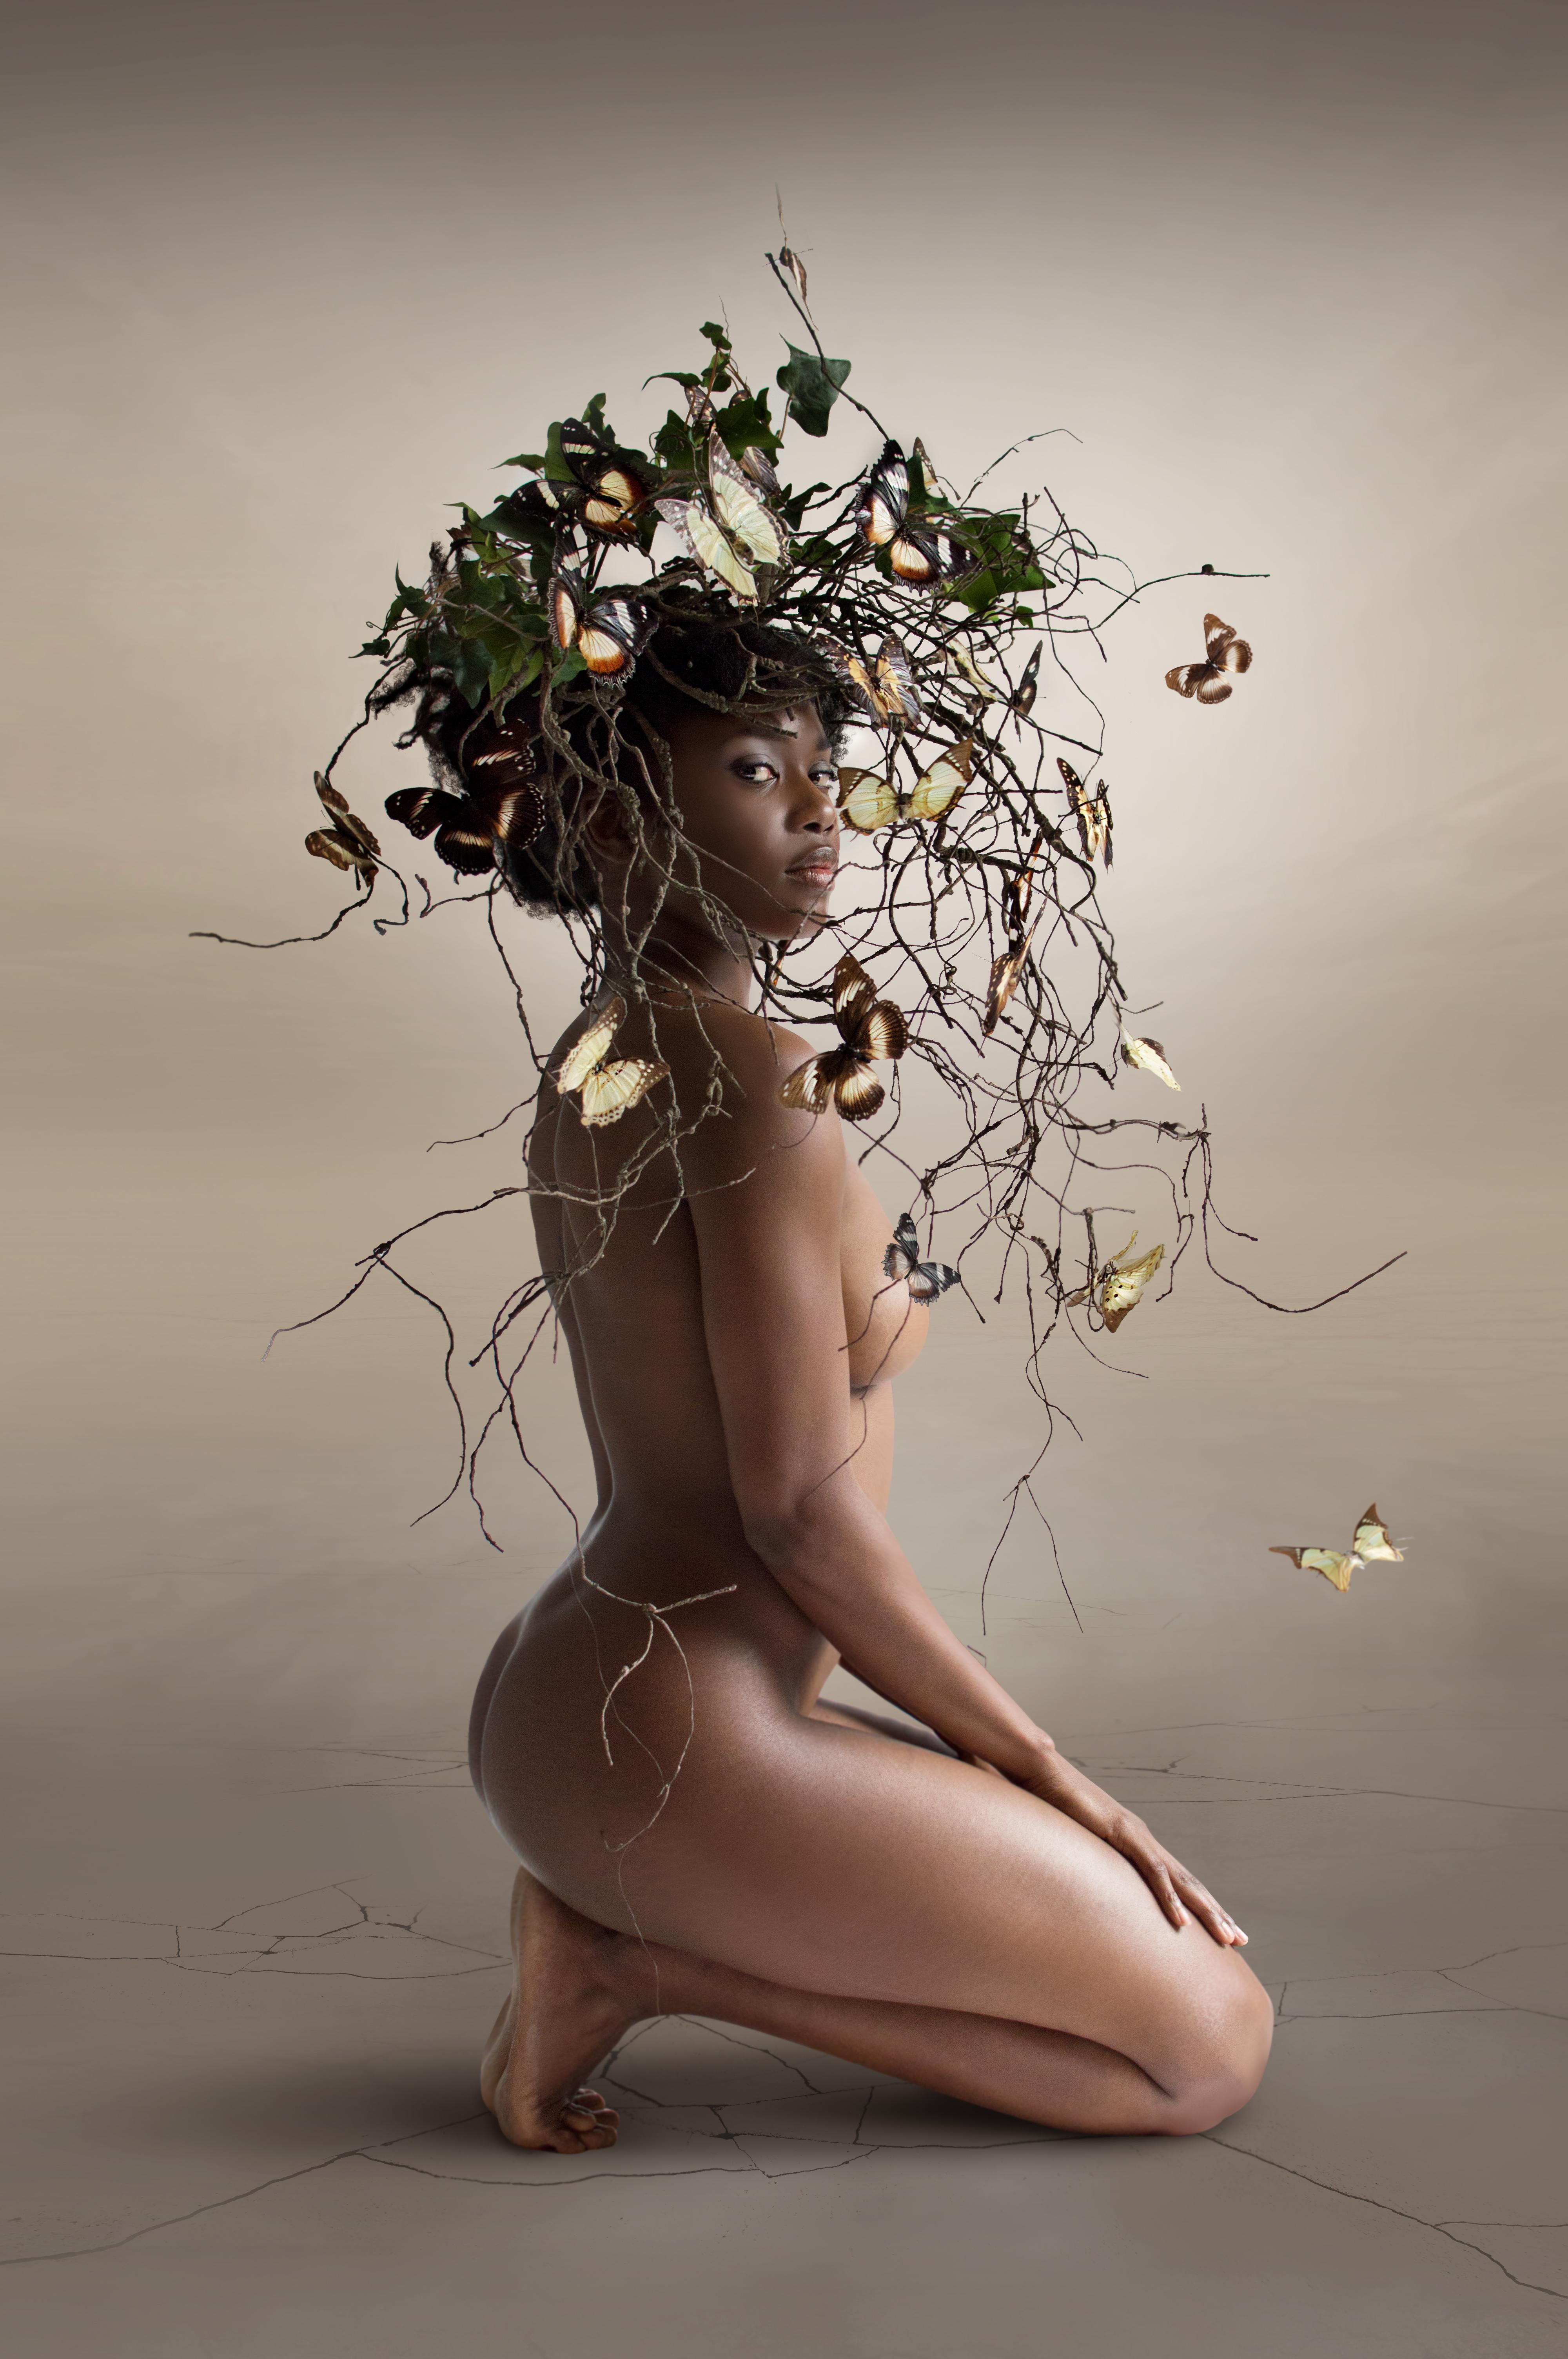 Mme Butterfly